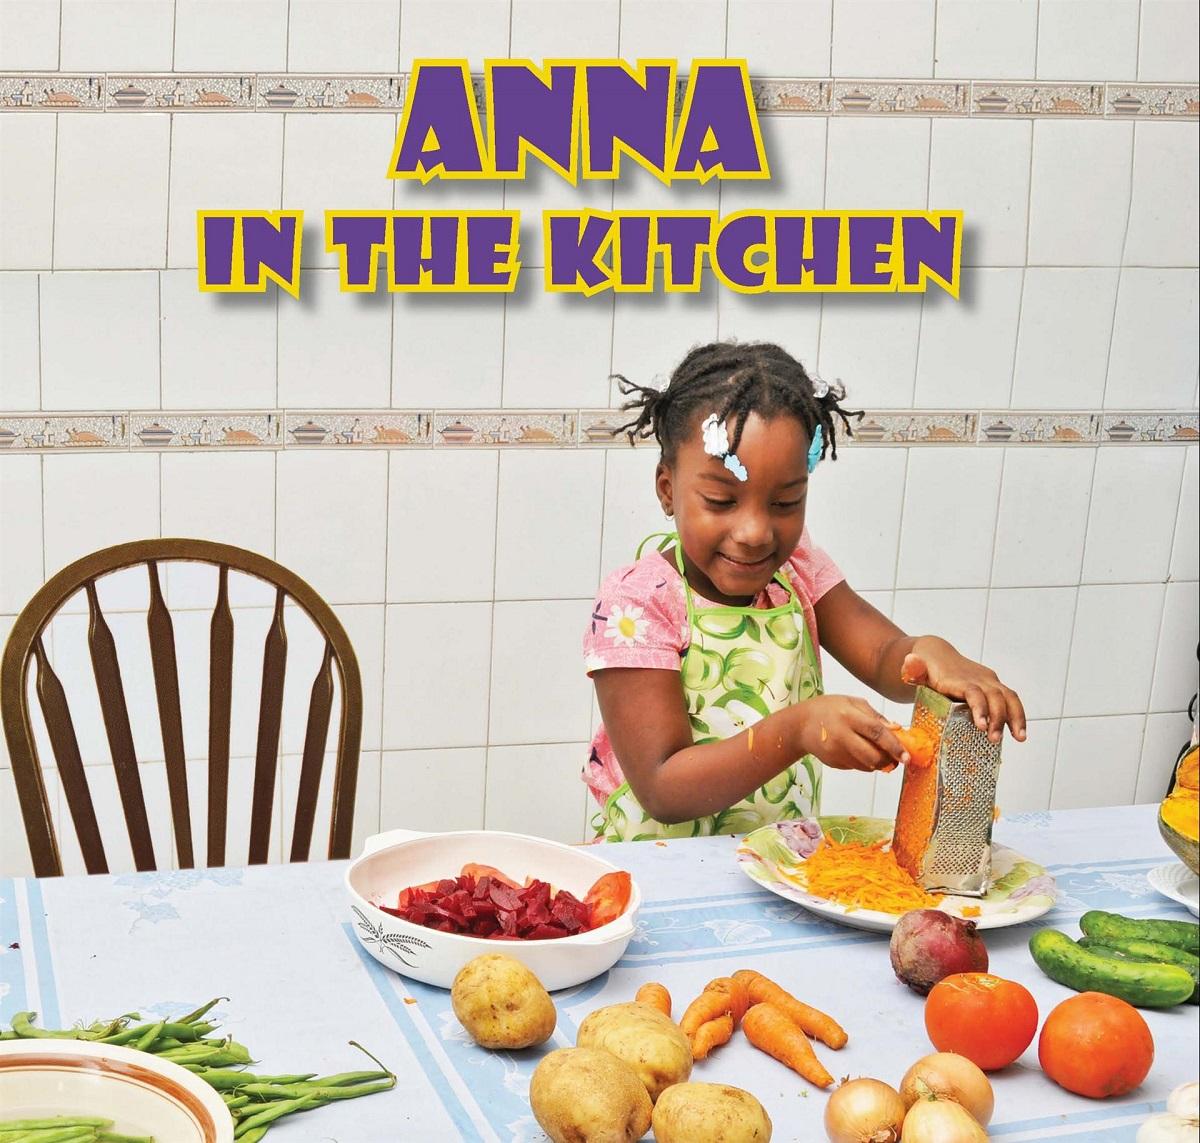 Anna in the kitchen